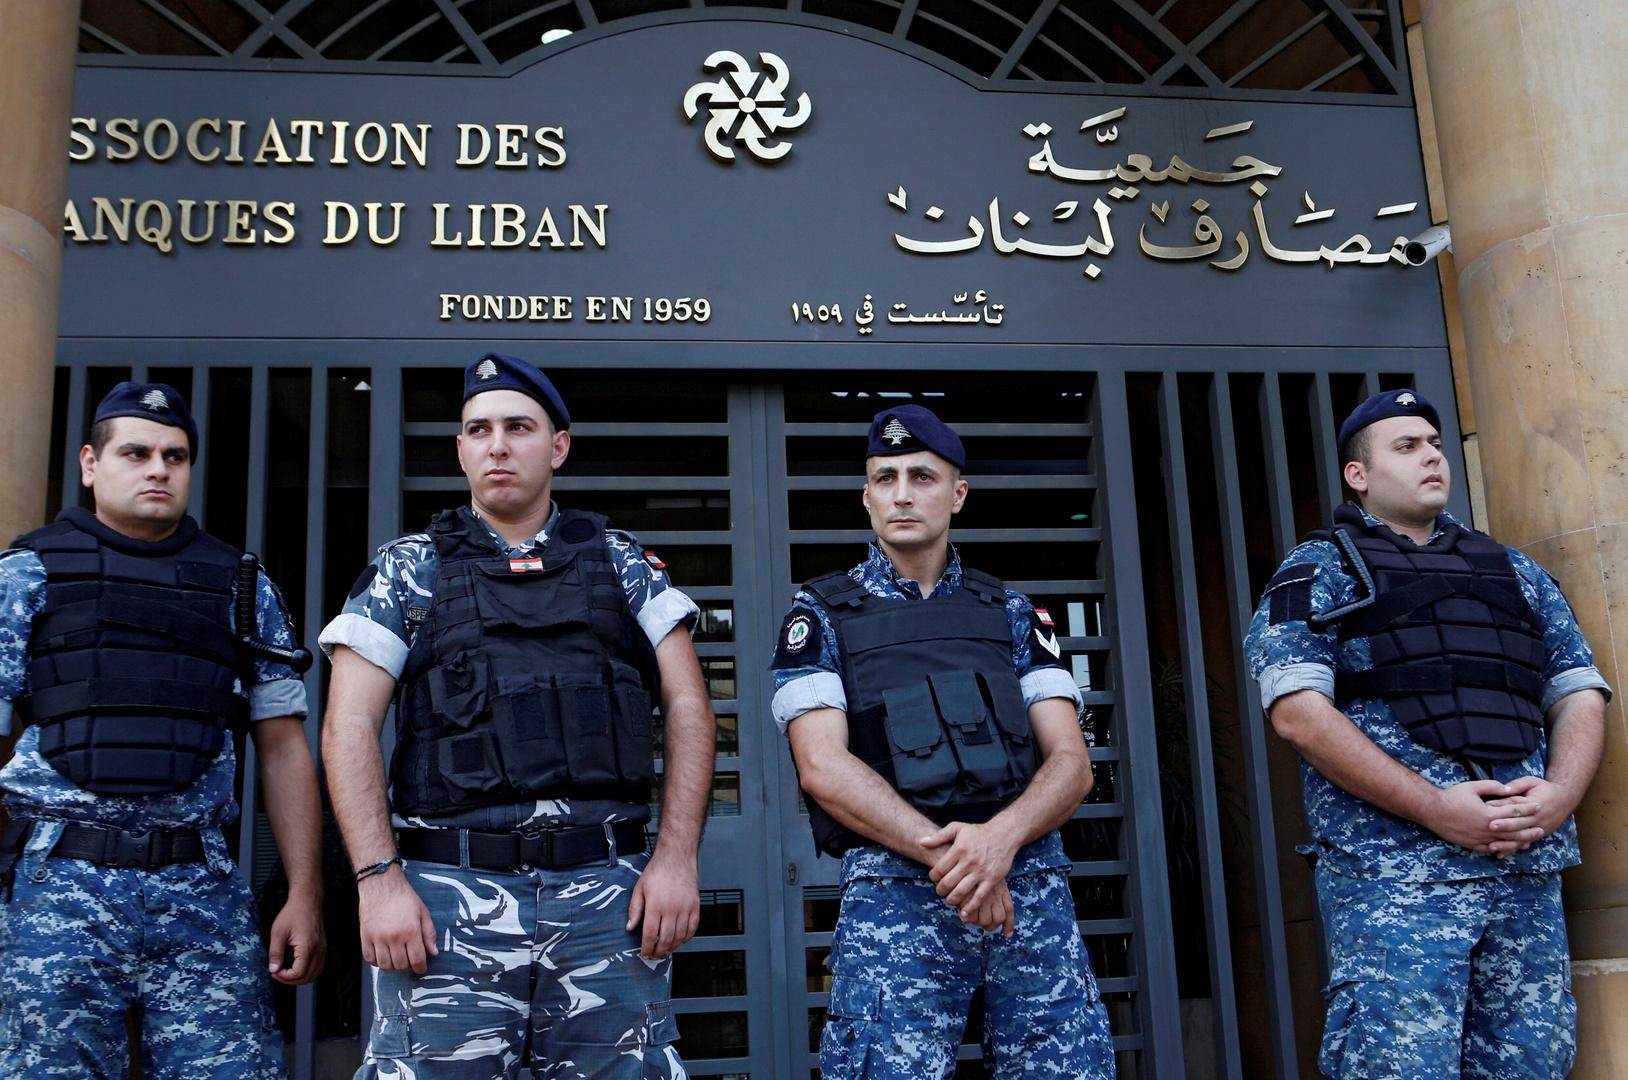 المصارف اللبنانية تستأنف عملها اليوم بعد أسبوع من الإضراب